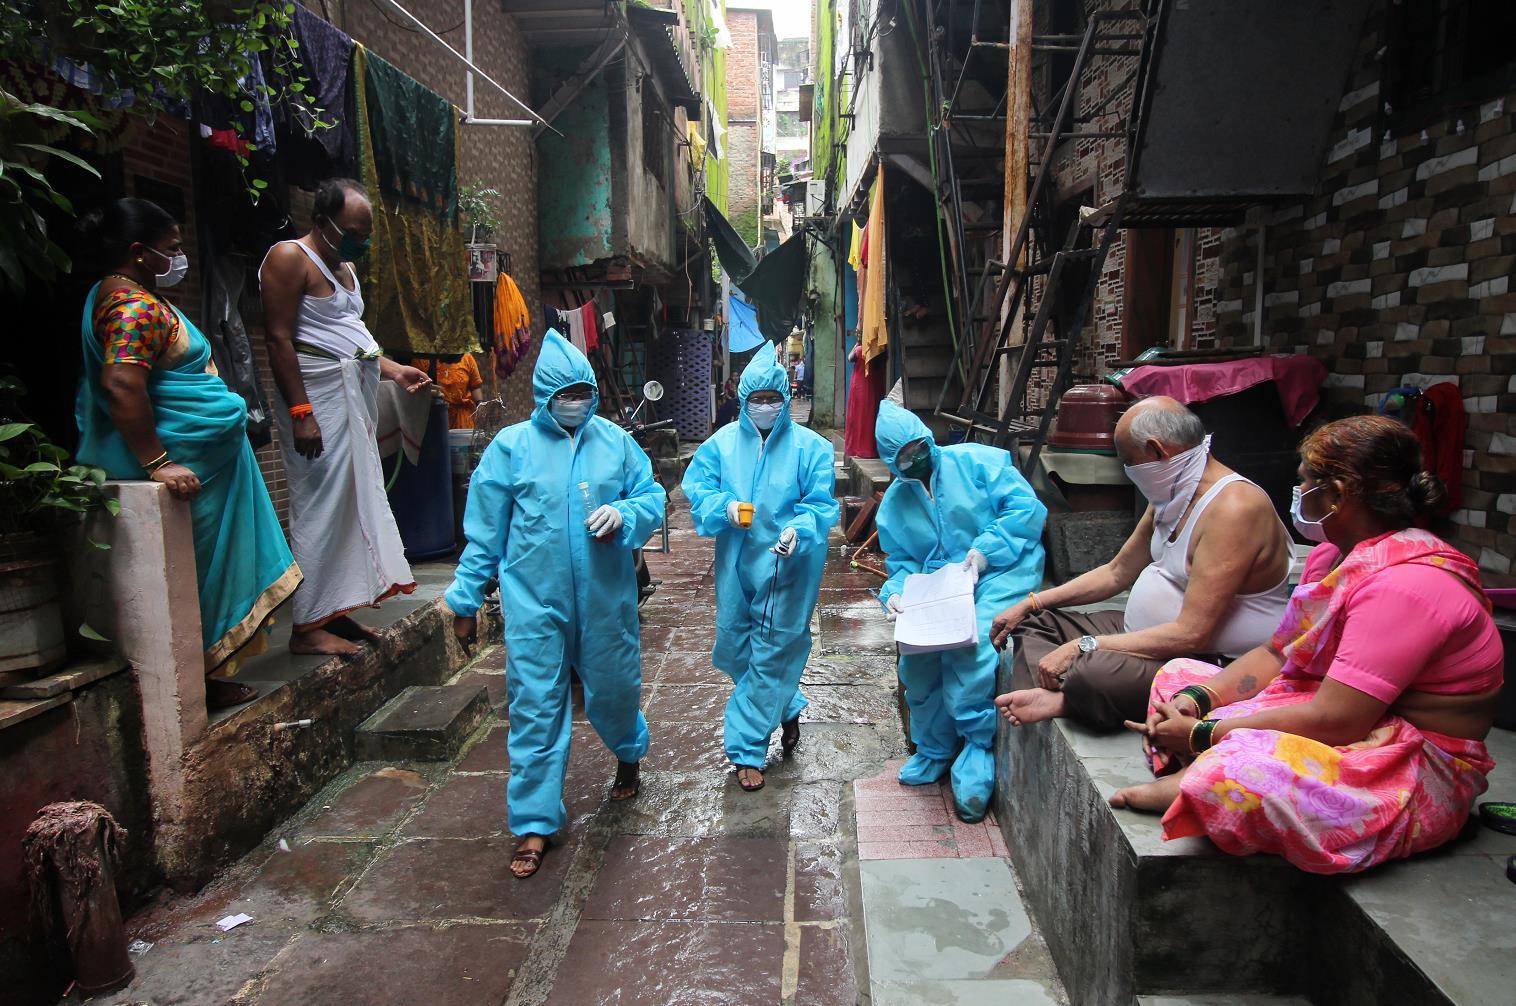 印度面临的双重挑战愈加严峻:疫情数据飙升 经济大幅下滑